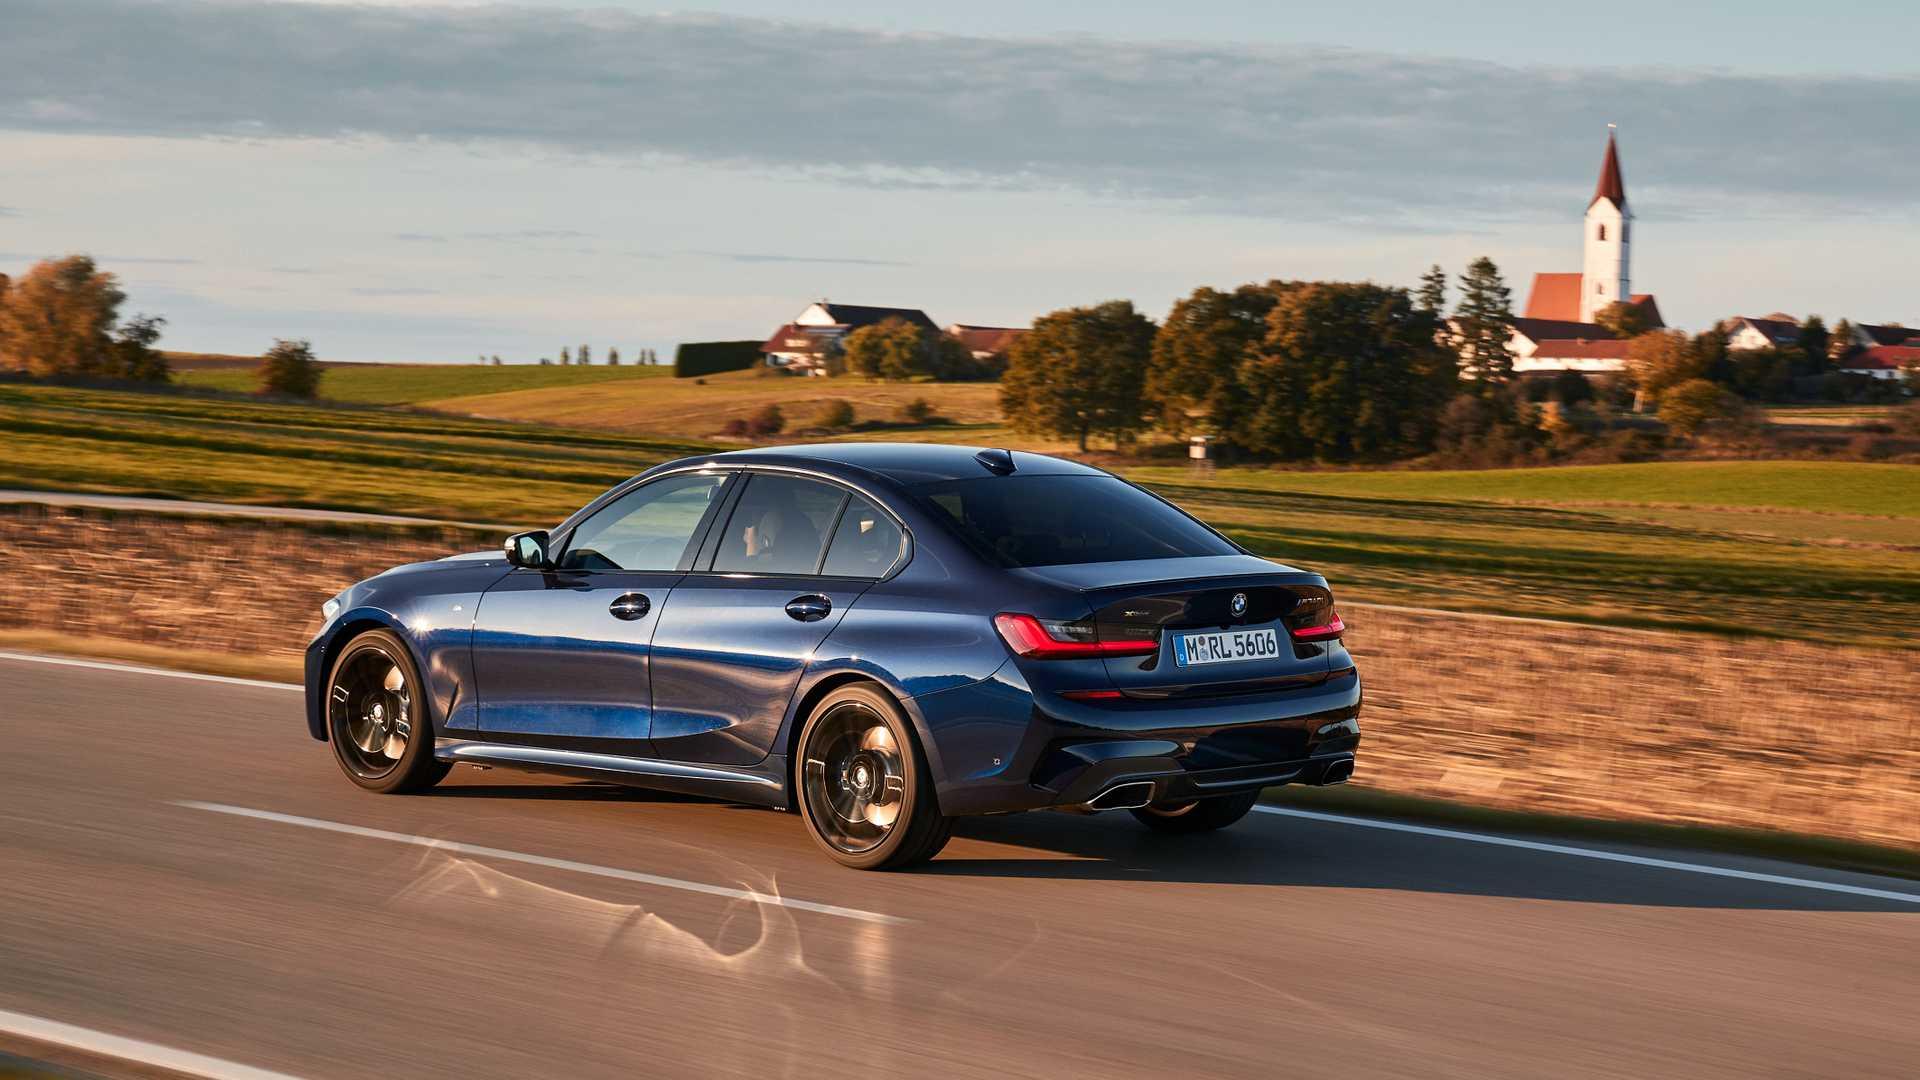 Modelo usa um motor 3.0 turbo de seis cilindros com 387 cv e é o mais arisco da nova geração do BMW Série 3